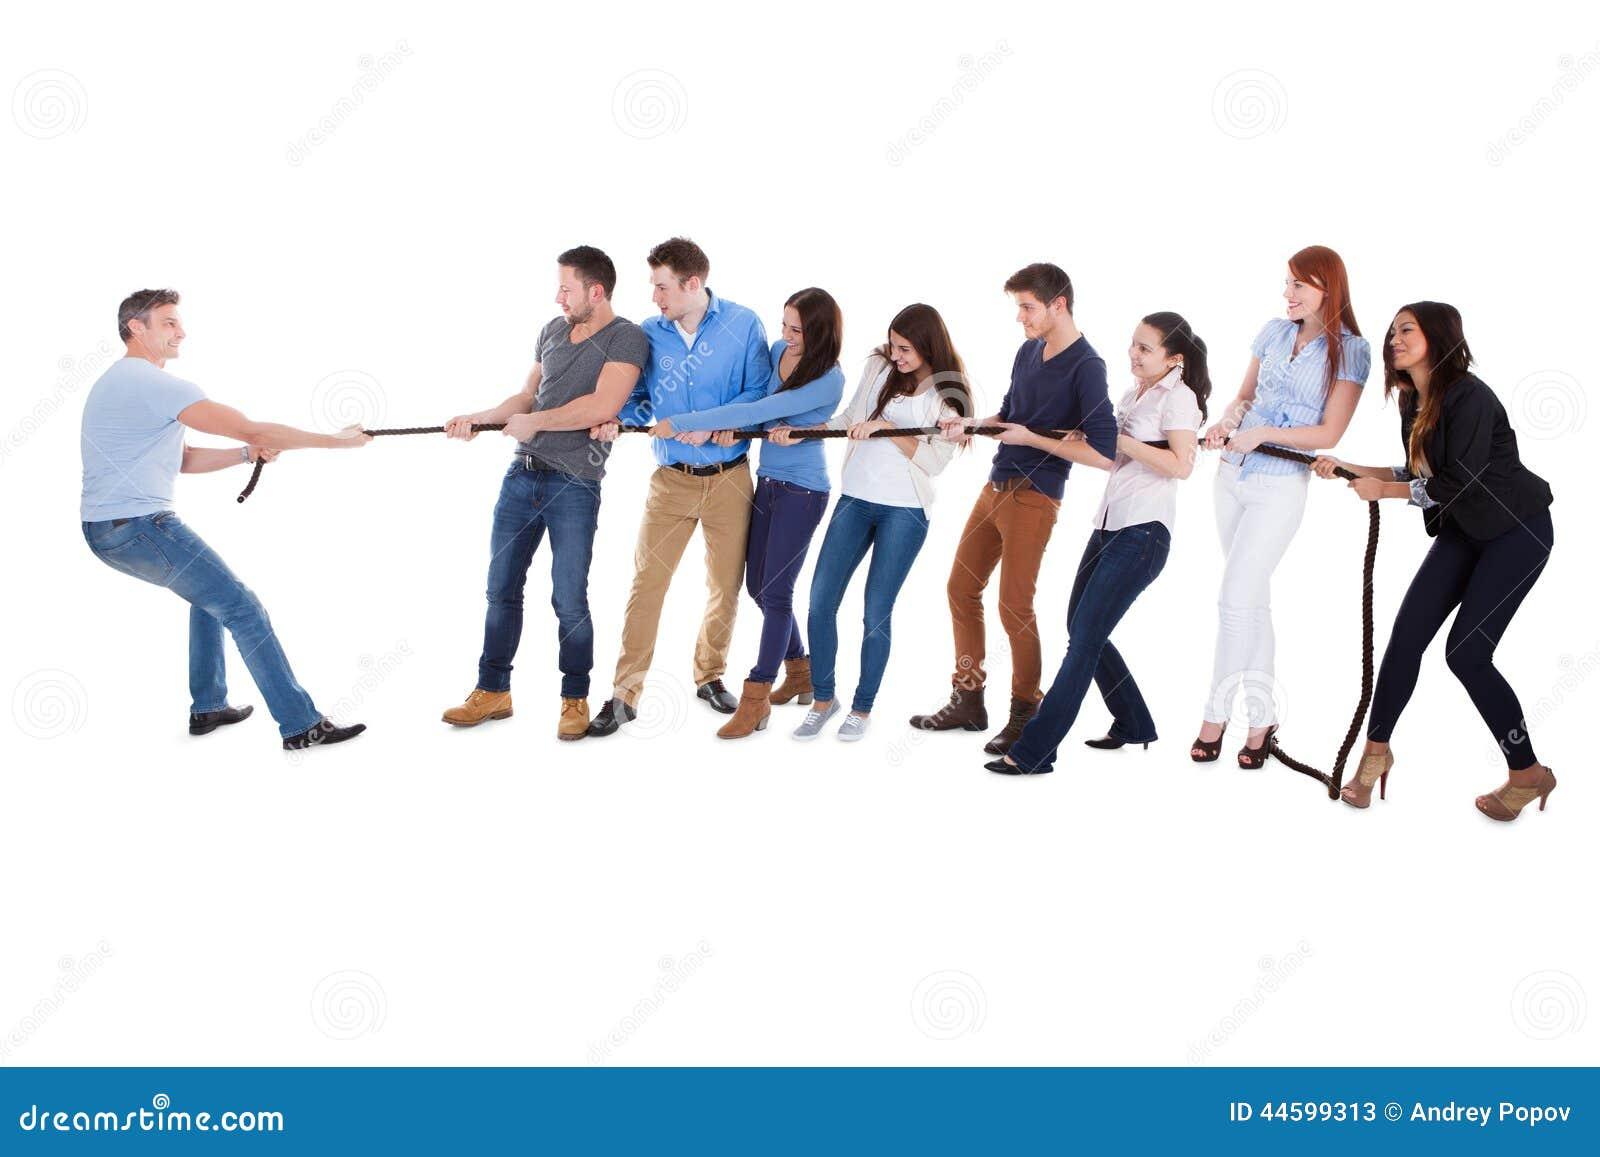 Une photo d'un groupe de personnes